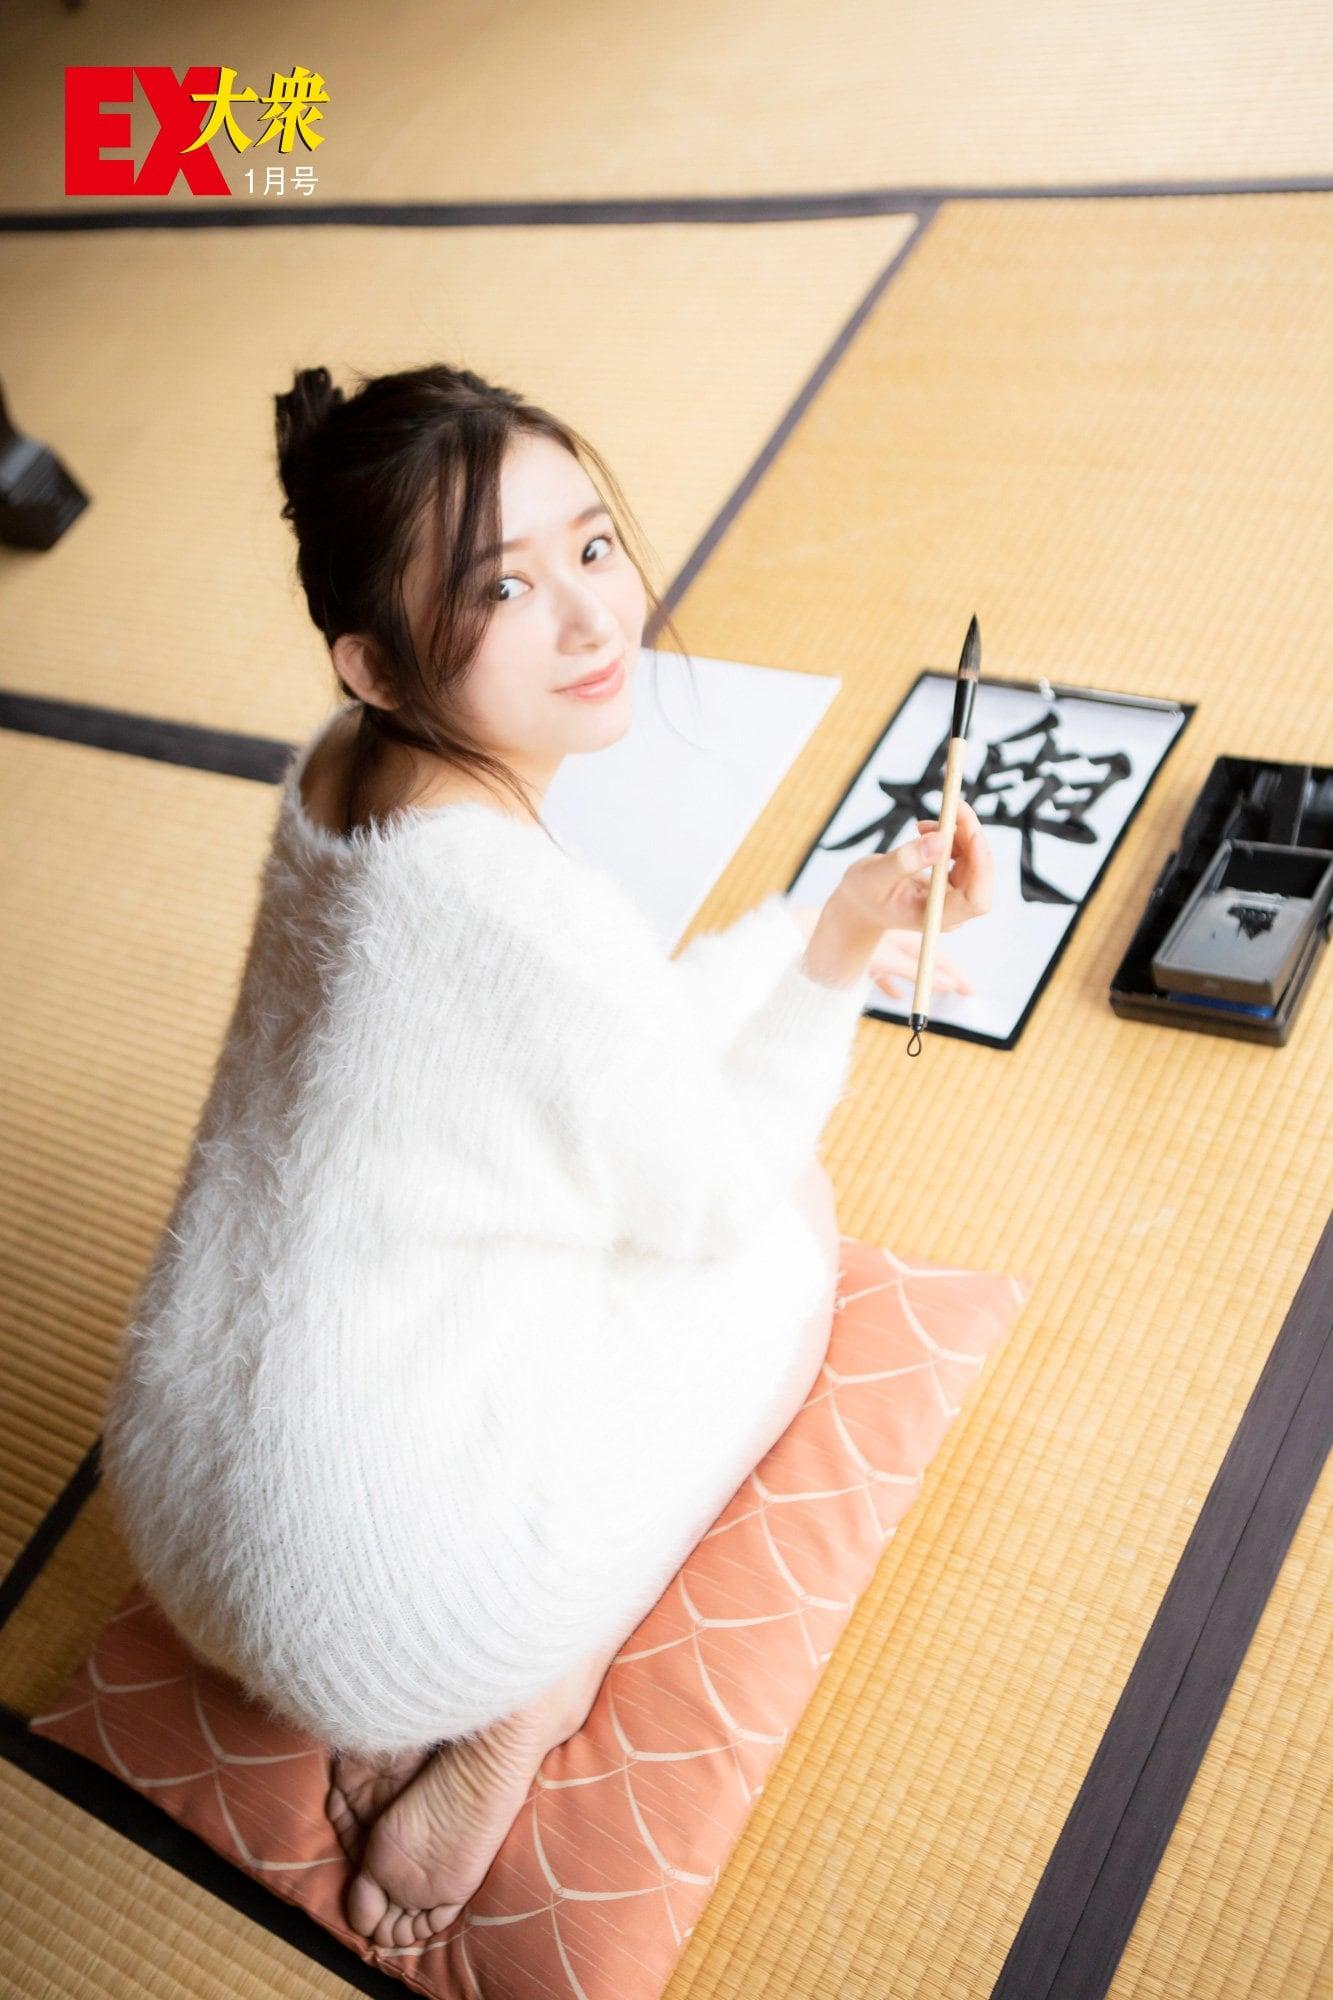 欅坂46佐藤詩織の本誌未掲載カット5枚を大公開!【EX大衆1月号】の画像005